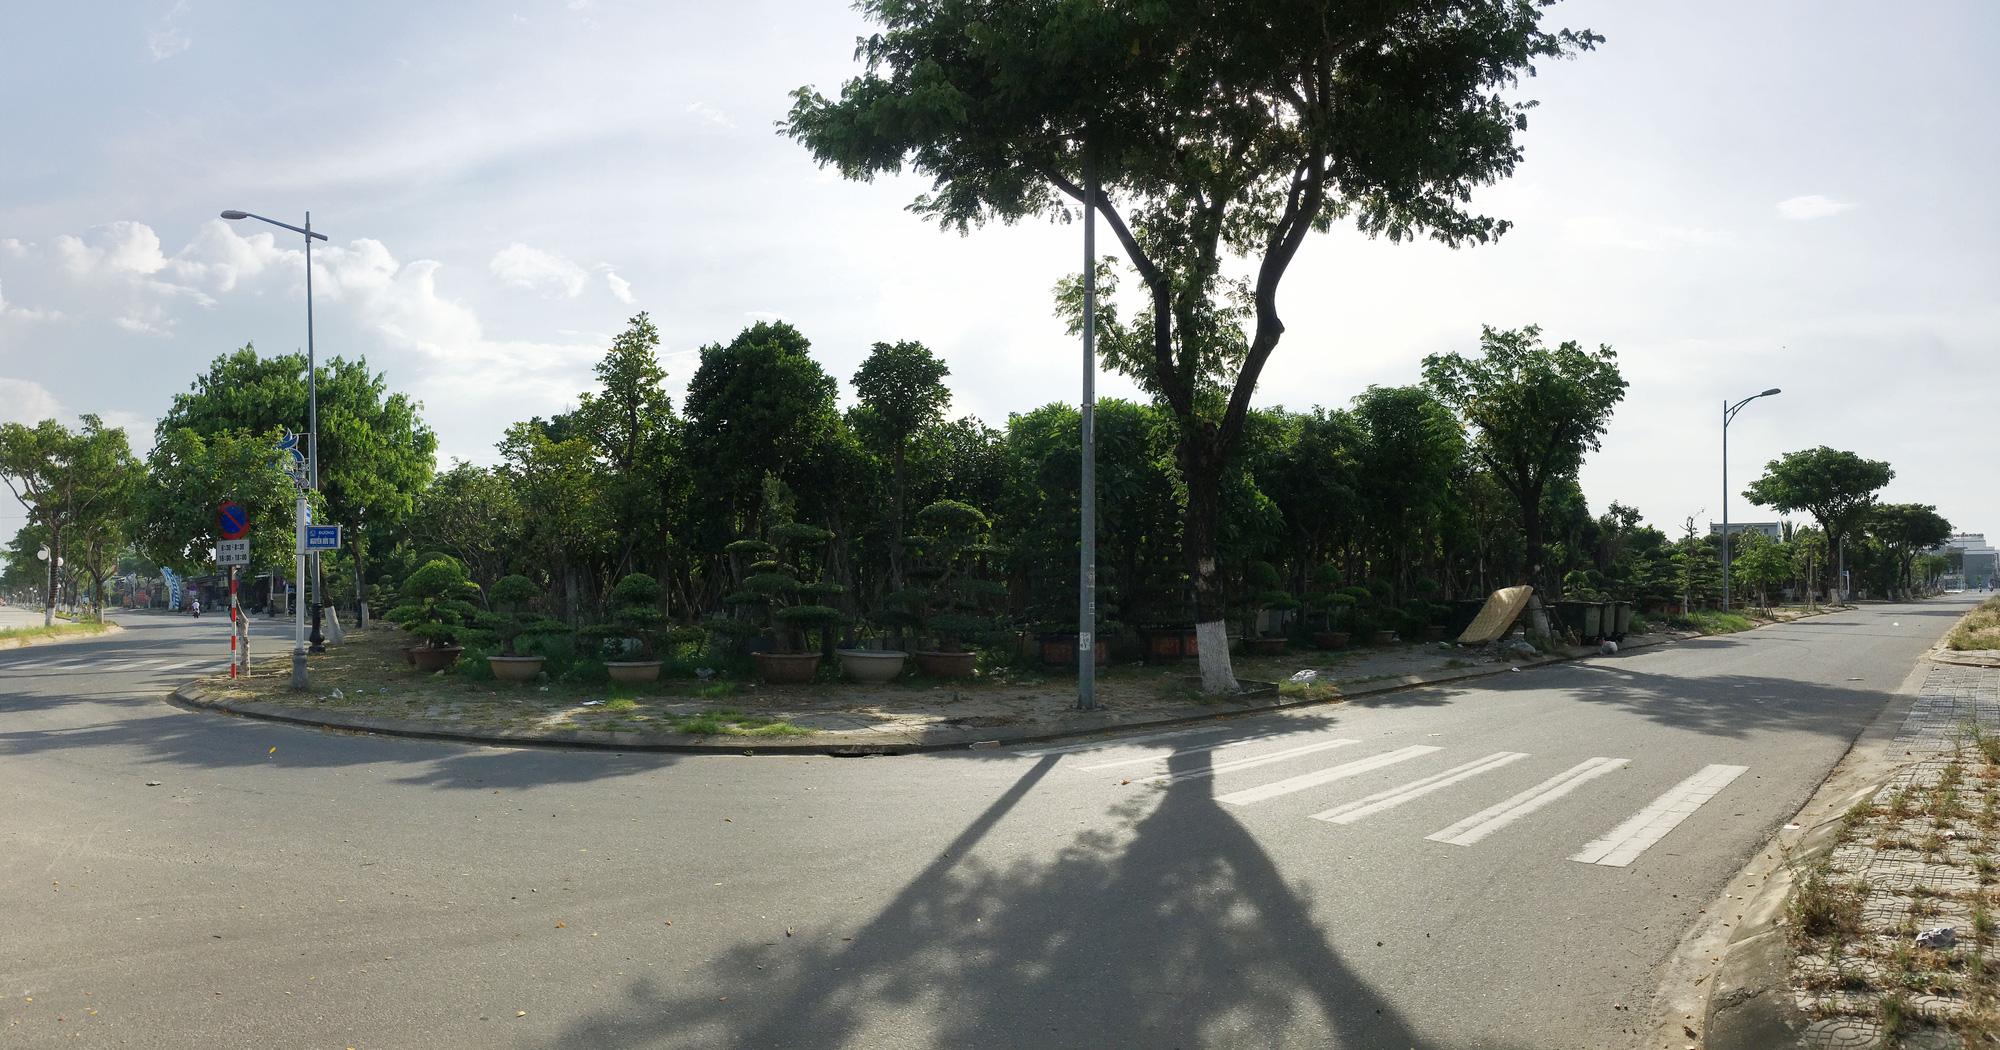 Cận cảnh hai khu đất ở quận Cẩm Lệ, Đà Nẵng sẽ đấu giá làm bãi đỗ xe - Ảnh 3.